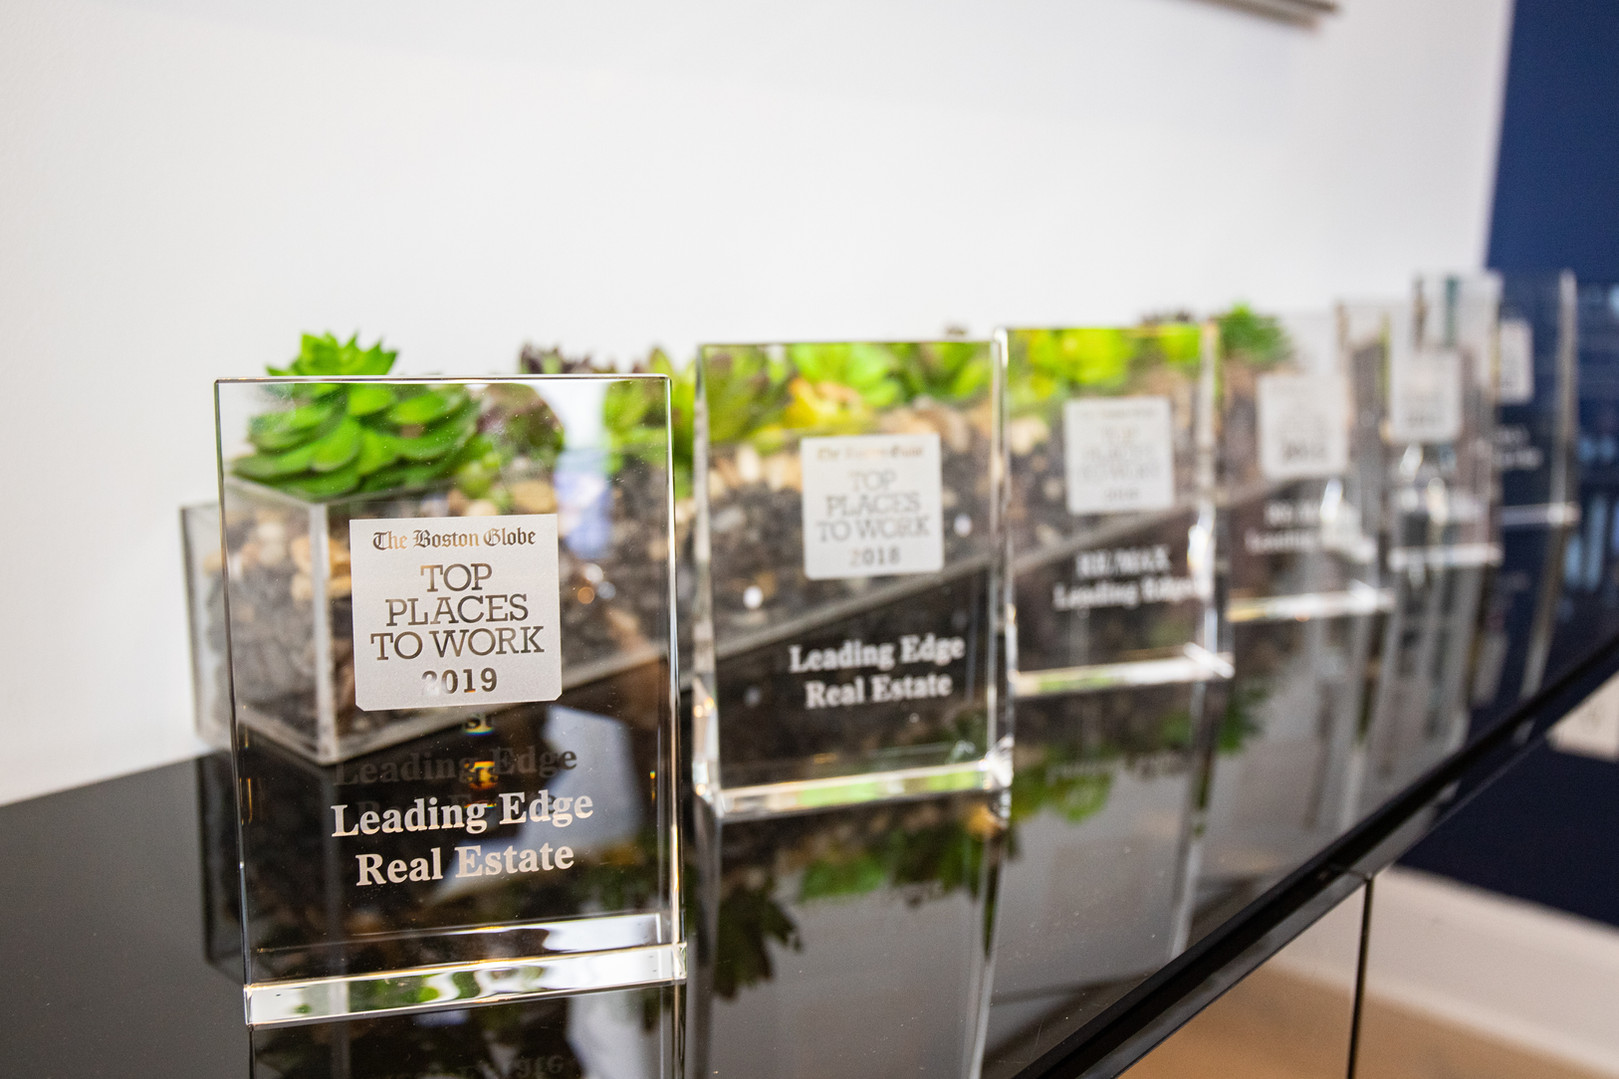 Premios a los mejores lugares para trabajar del sector inmobiliario de vanguardia